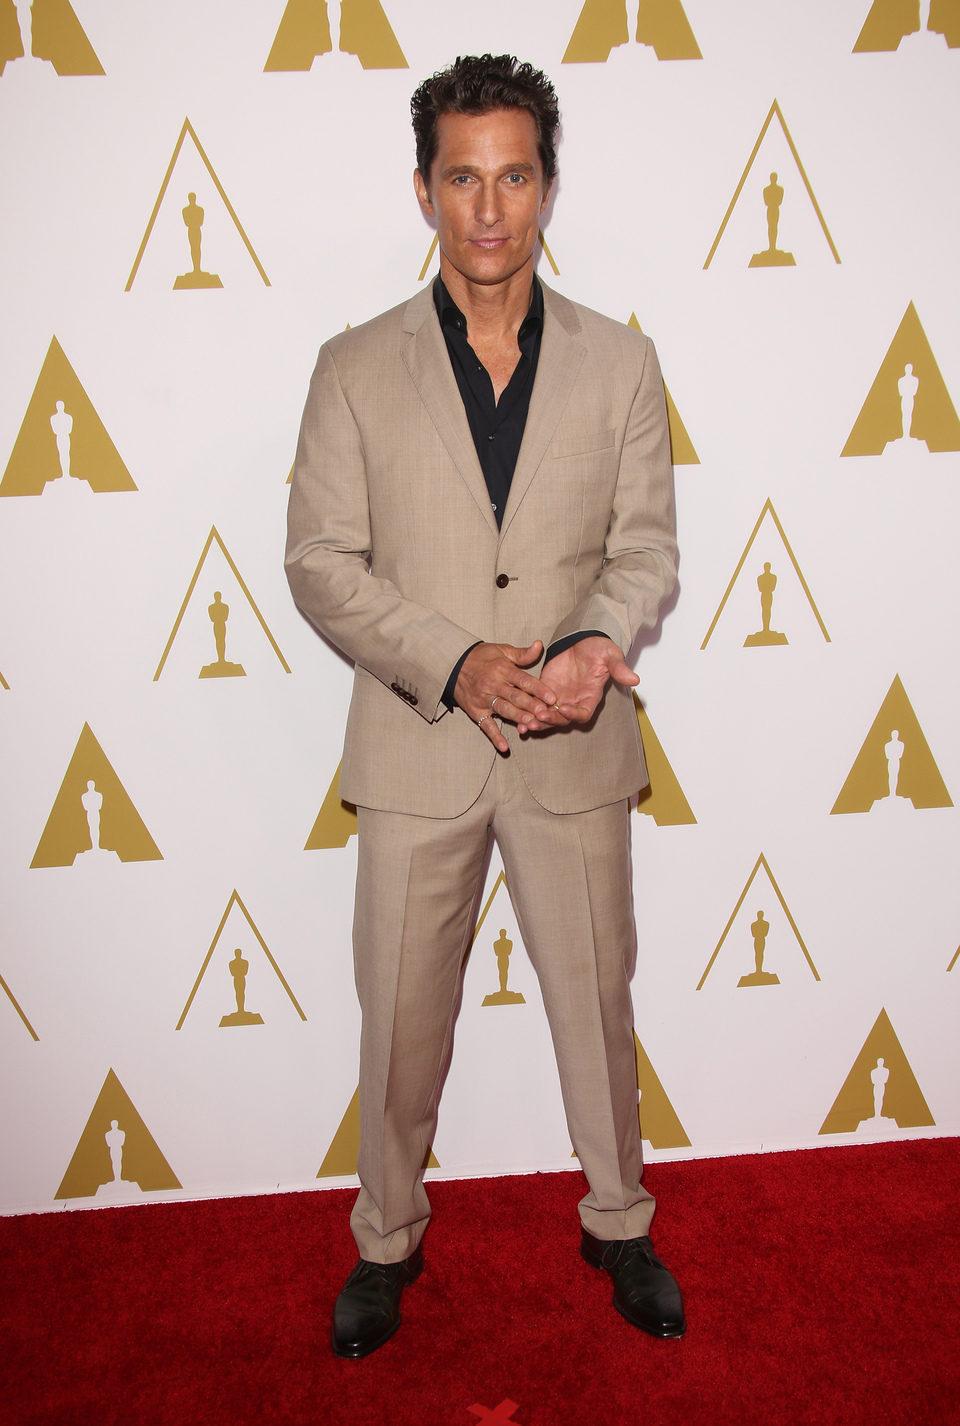 Matthew McConaughey en el almuerzo de los nominados a los Premios Oscar 2014